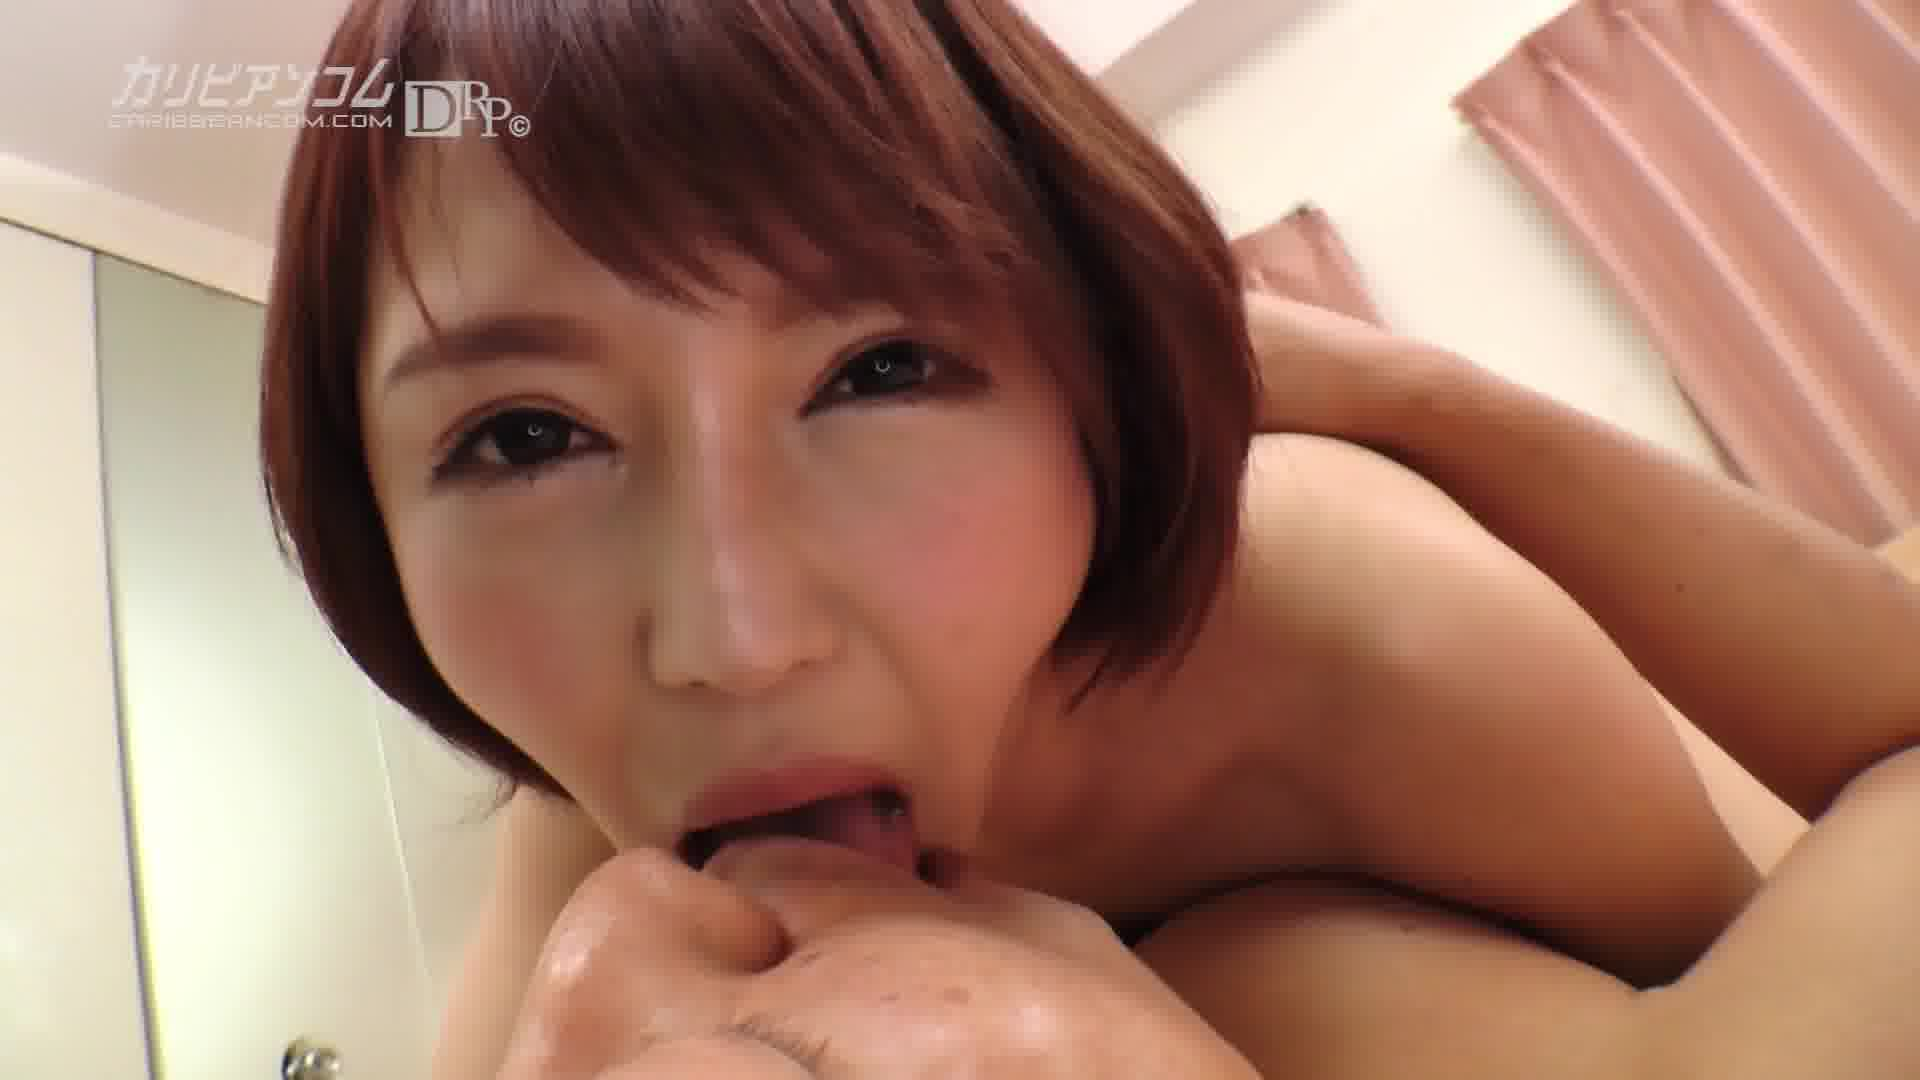 人気泡姫からのプロポーズ - 双葉みお【スレンダー・美乳・中出し】